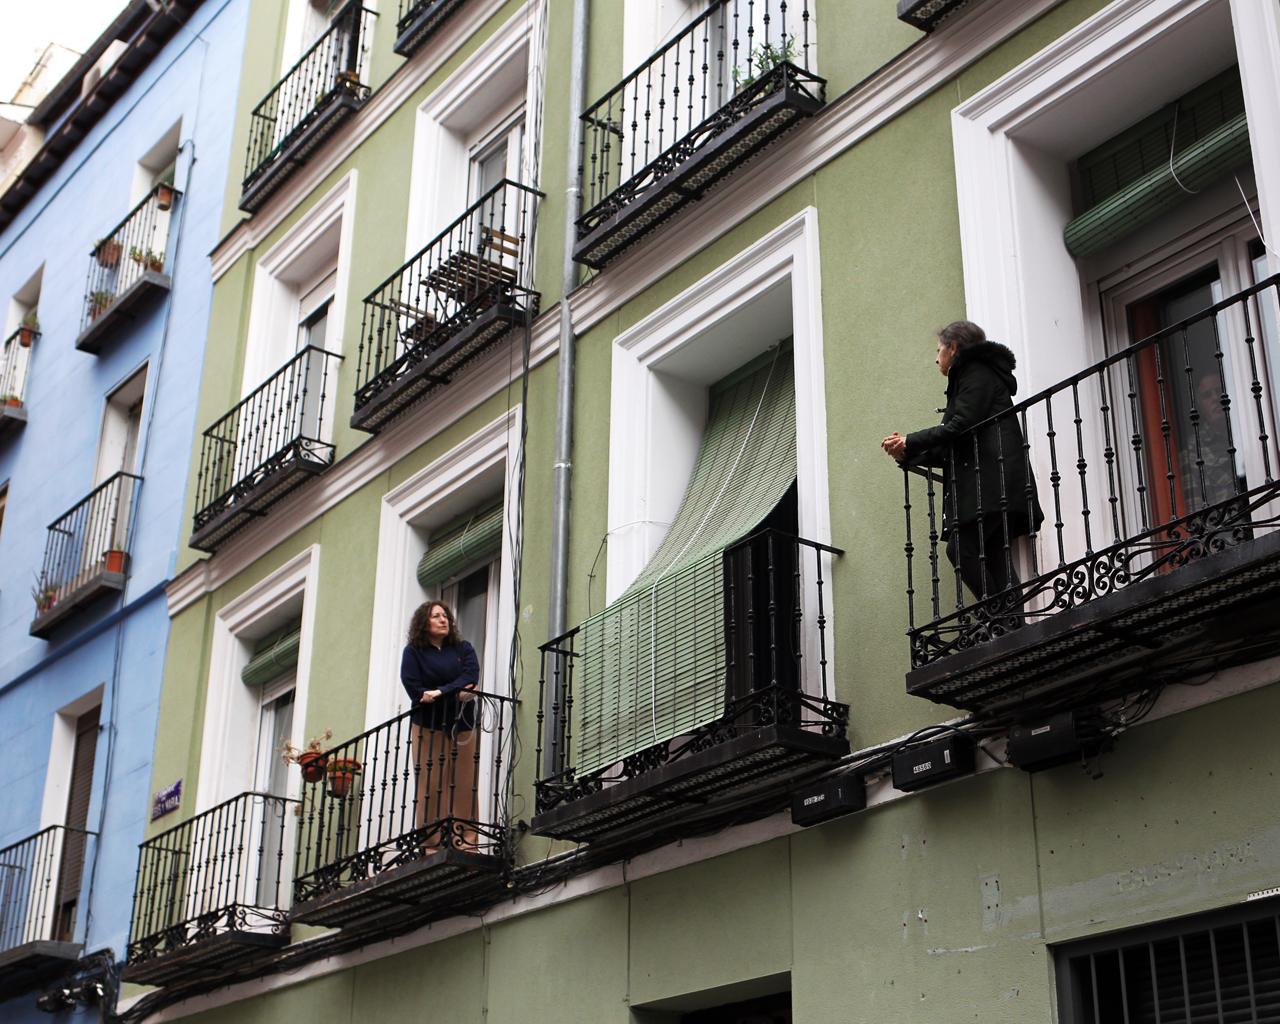 Dos vecinas charlan en el barrio de Lavapiés, Madrid. 23/04/2020.